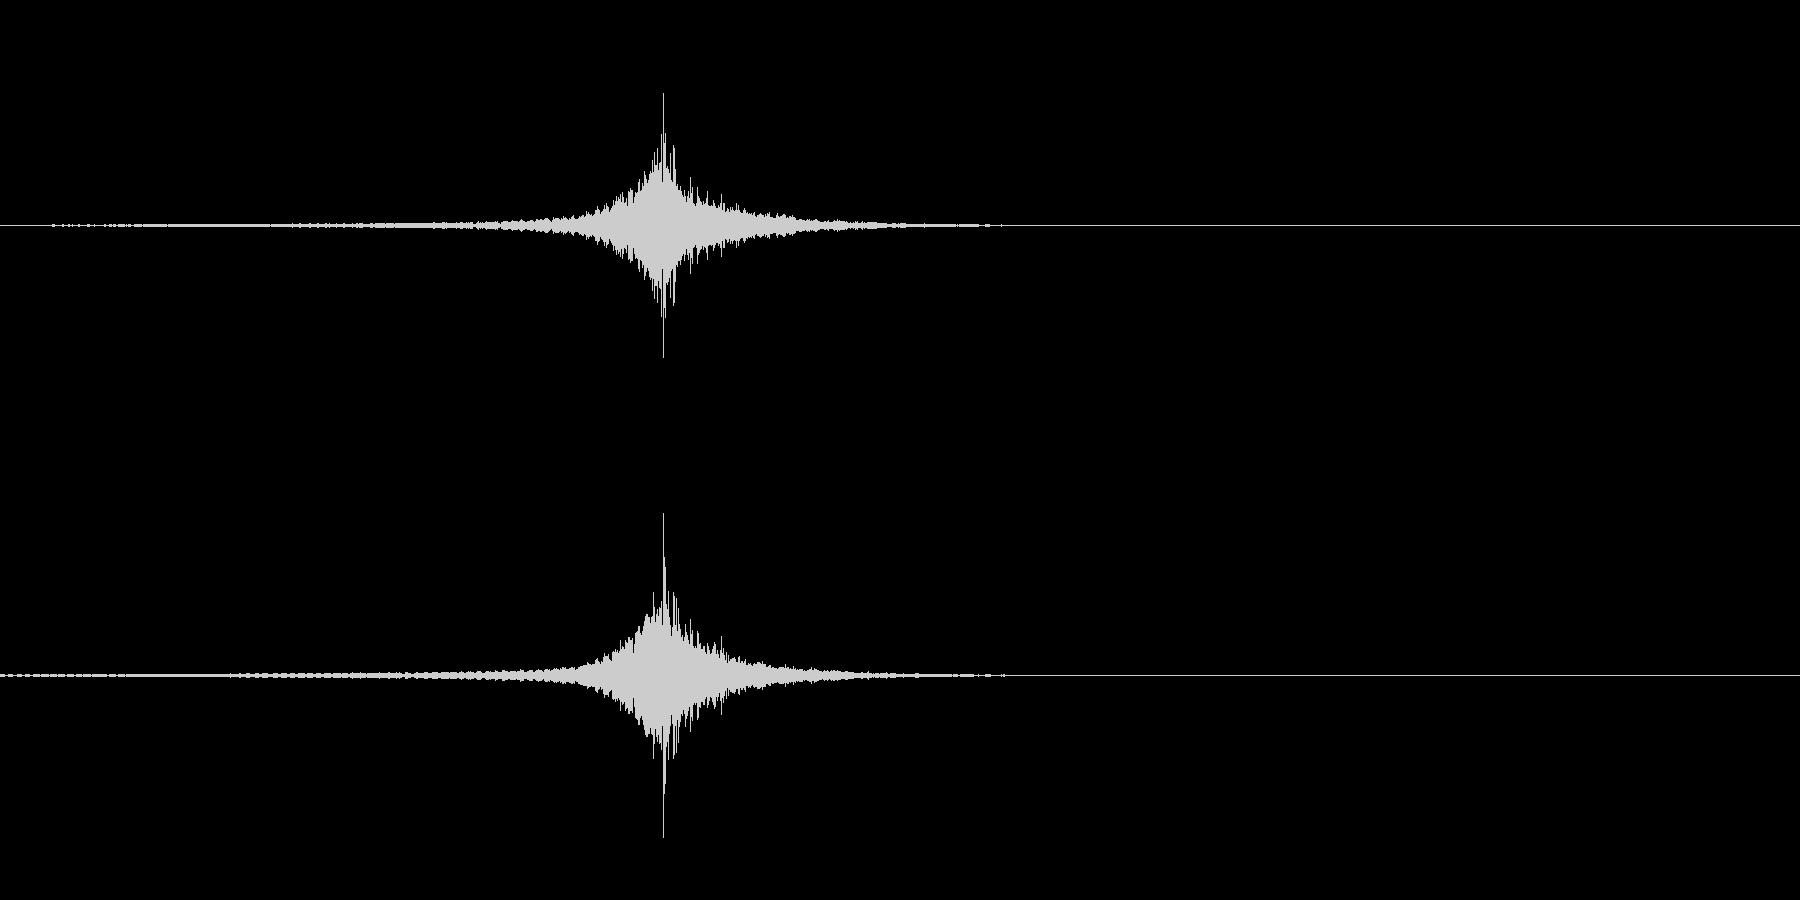 リバース音/修得/金属音/サスペンスの未再生の波形